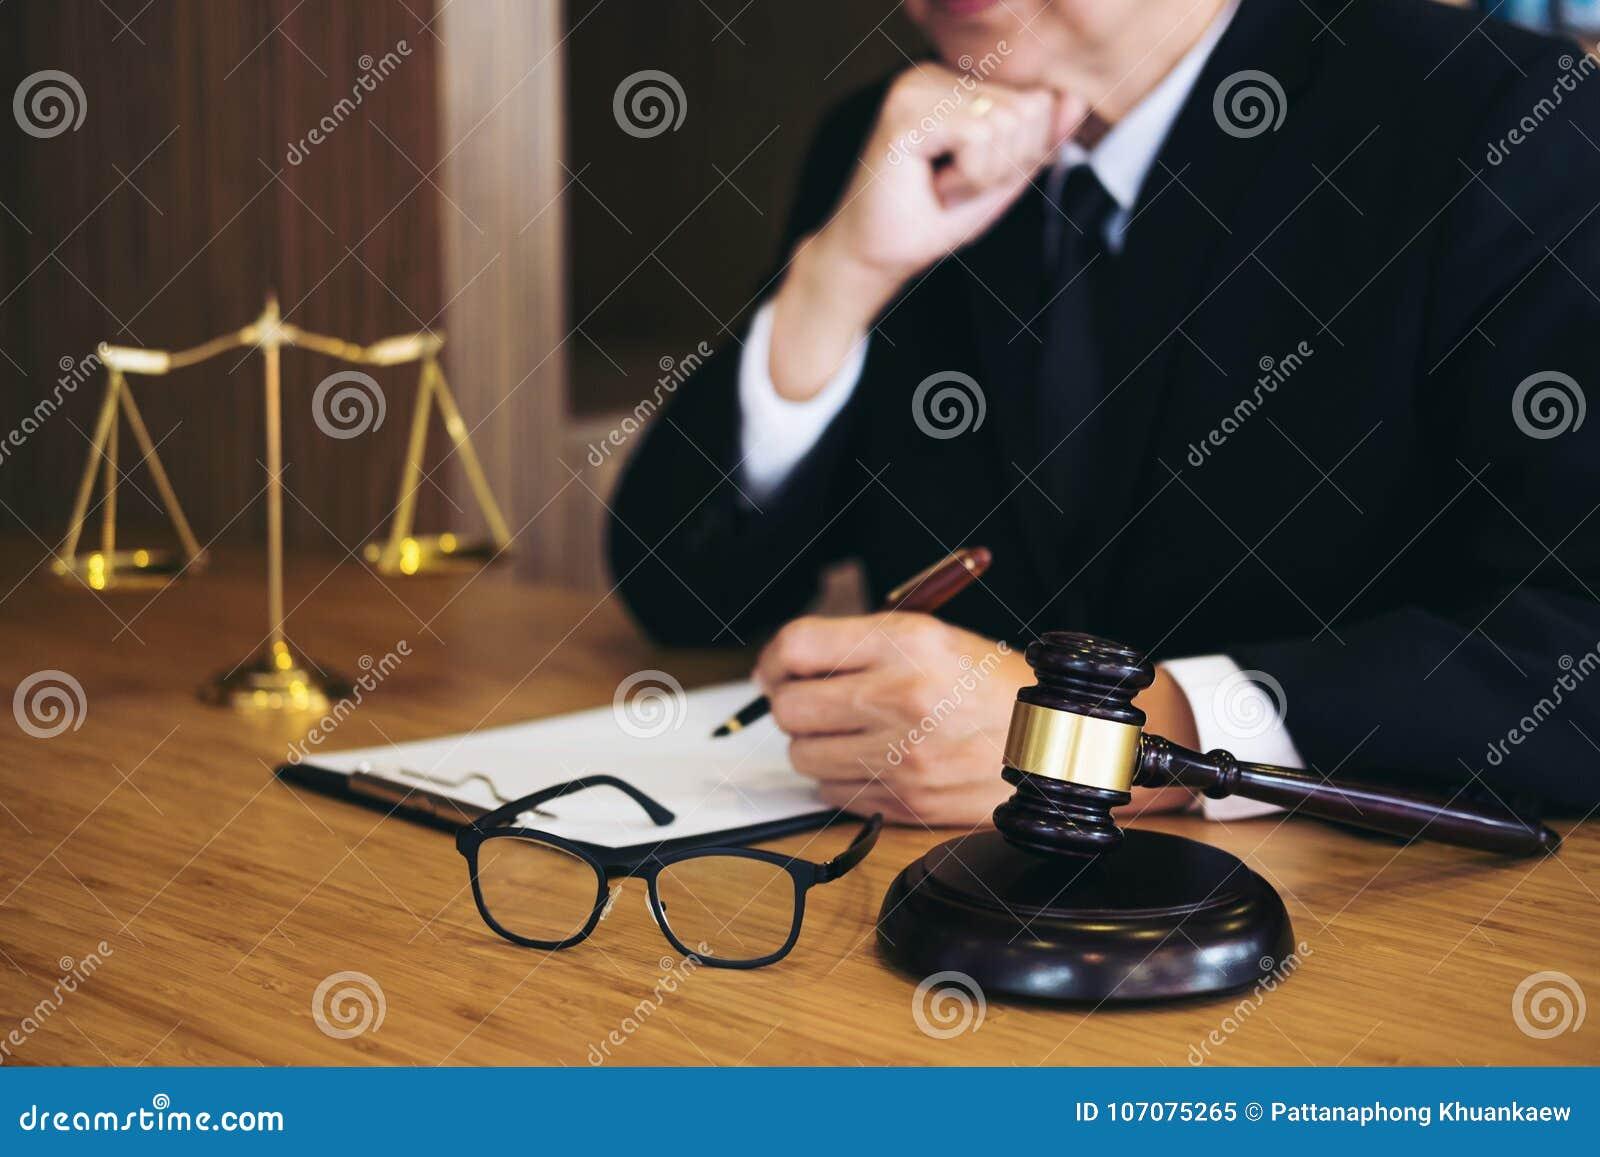 Juzgue El Mazo Con Los Abogados De La Justicia, El Hombre De ...